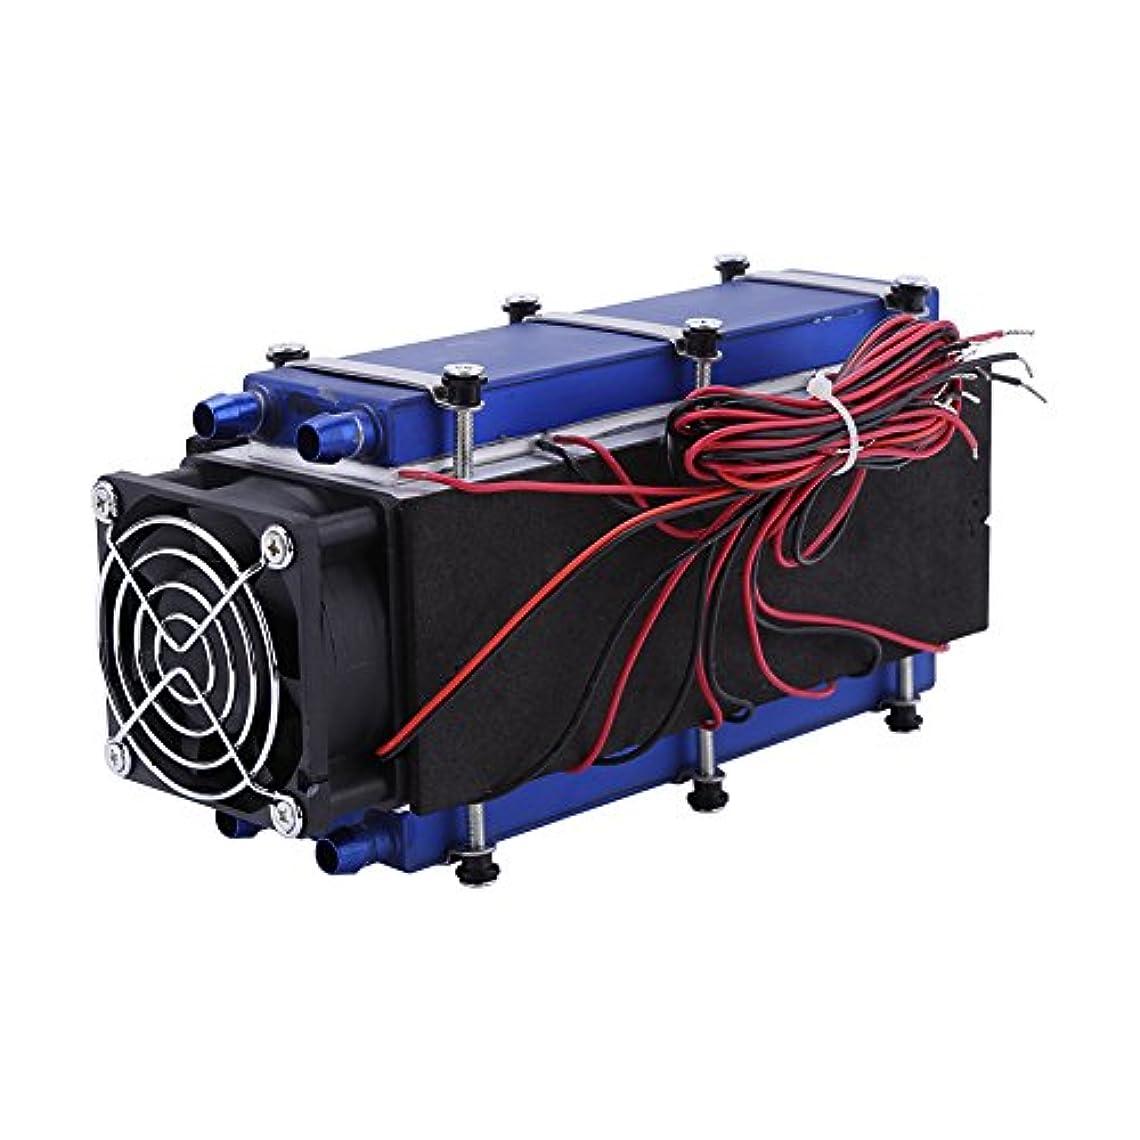 部フライカイト追い払うミニエアコン、DC 12V 576W 8チップTEC1-12706 DIY 熱電冷却装置 空気冷却装置